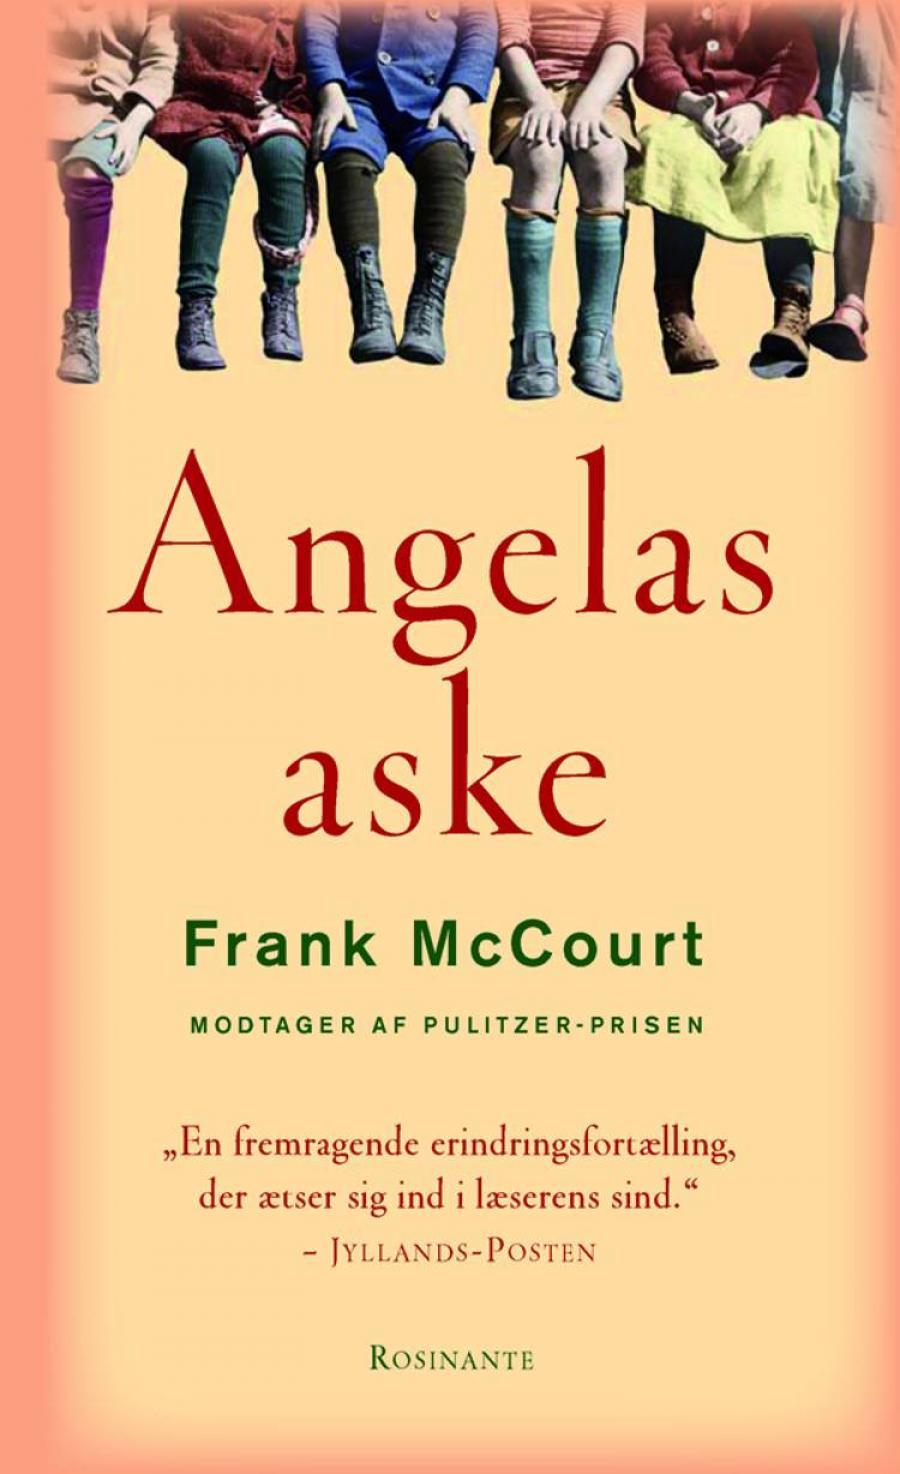 """Forsiden på """"Angelas aske"""" af Frank Mccourt"""